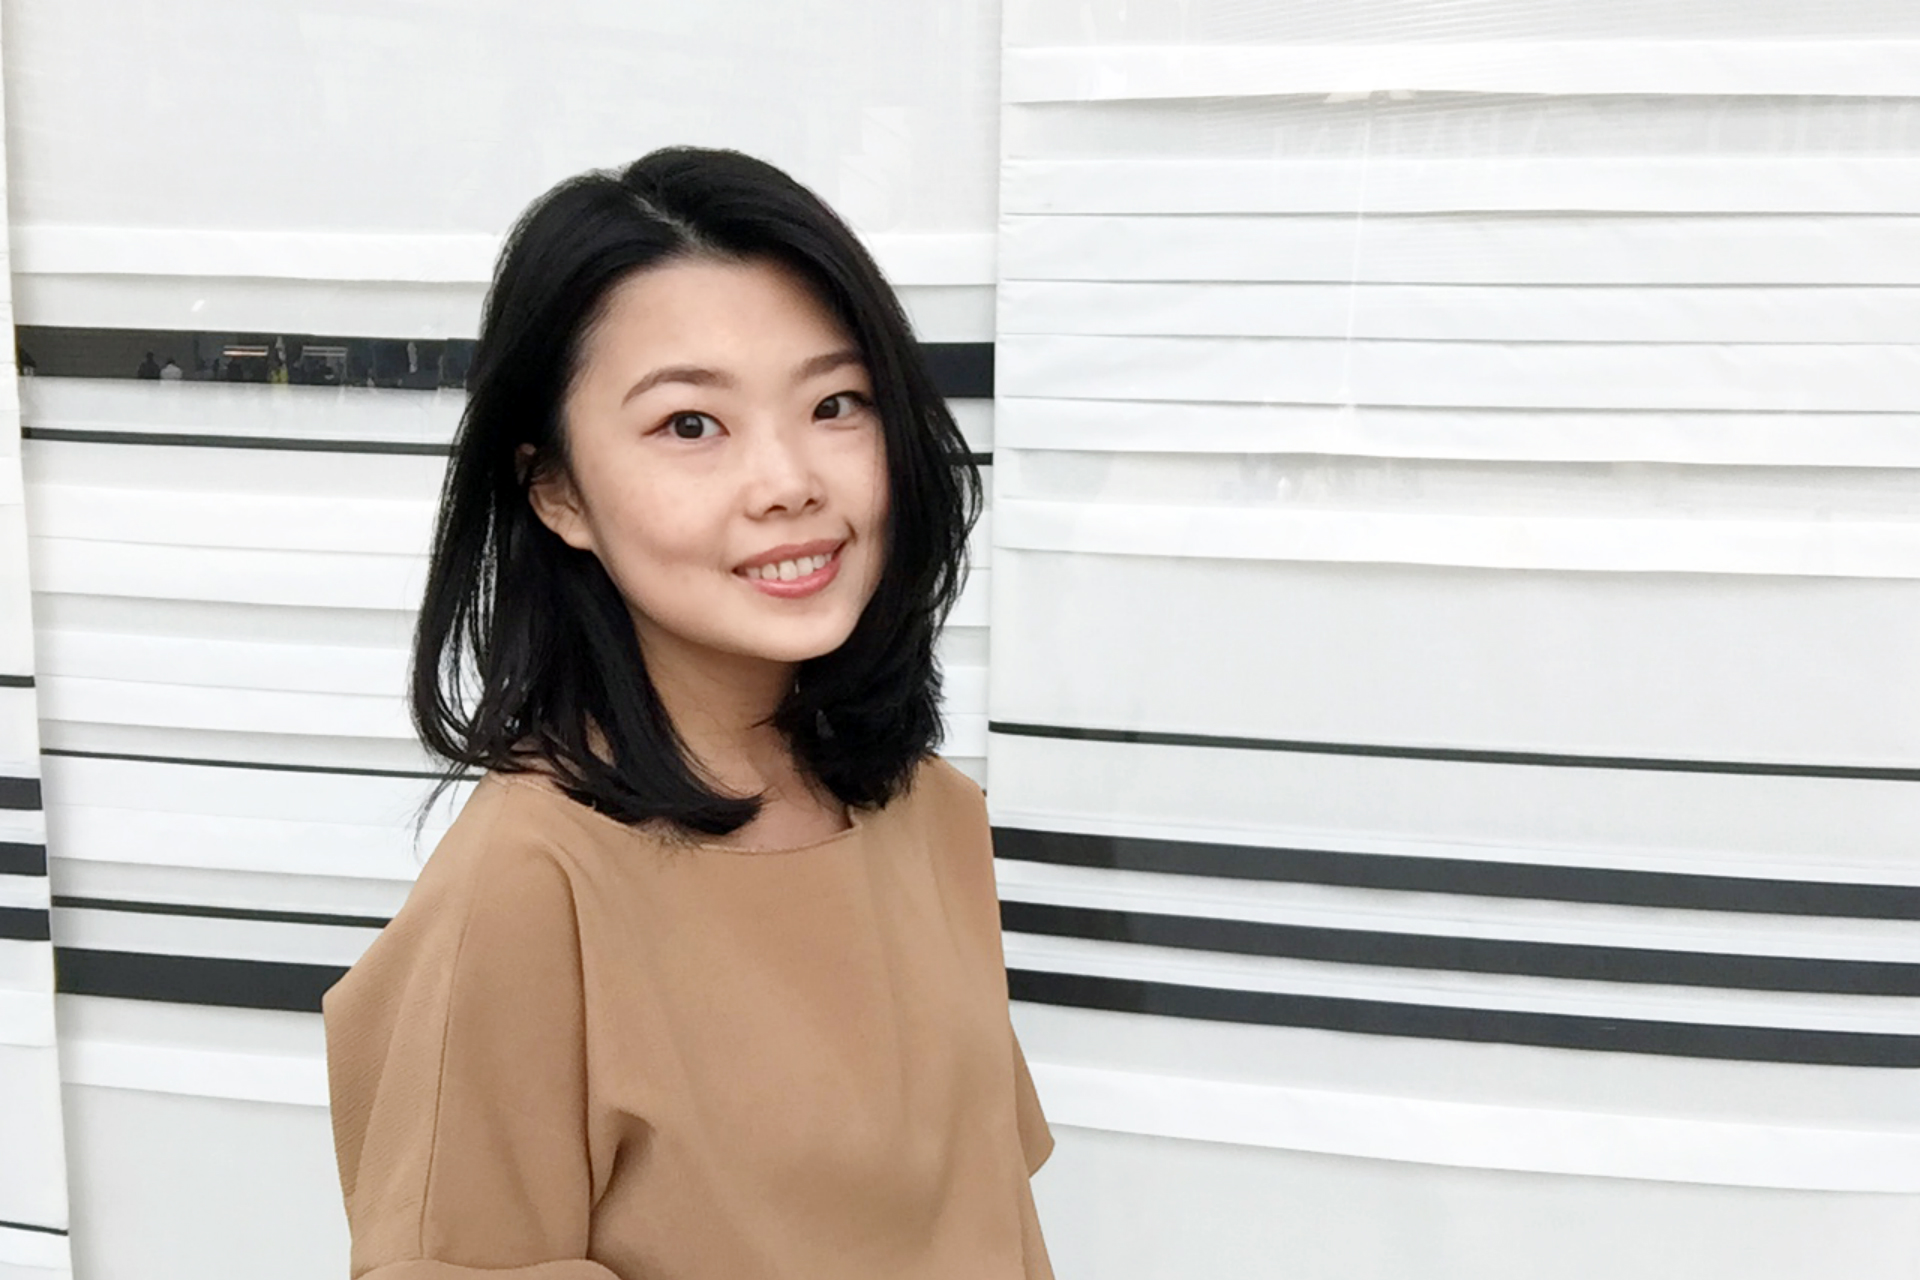 用自媒體經營出自己的一條花藝之路-中國高端愛情信物品牌 roseonly 行銷專員 Naomi Liao